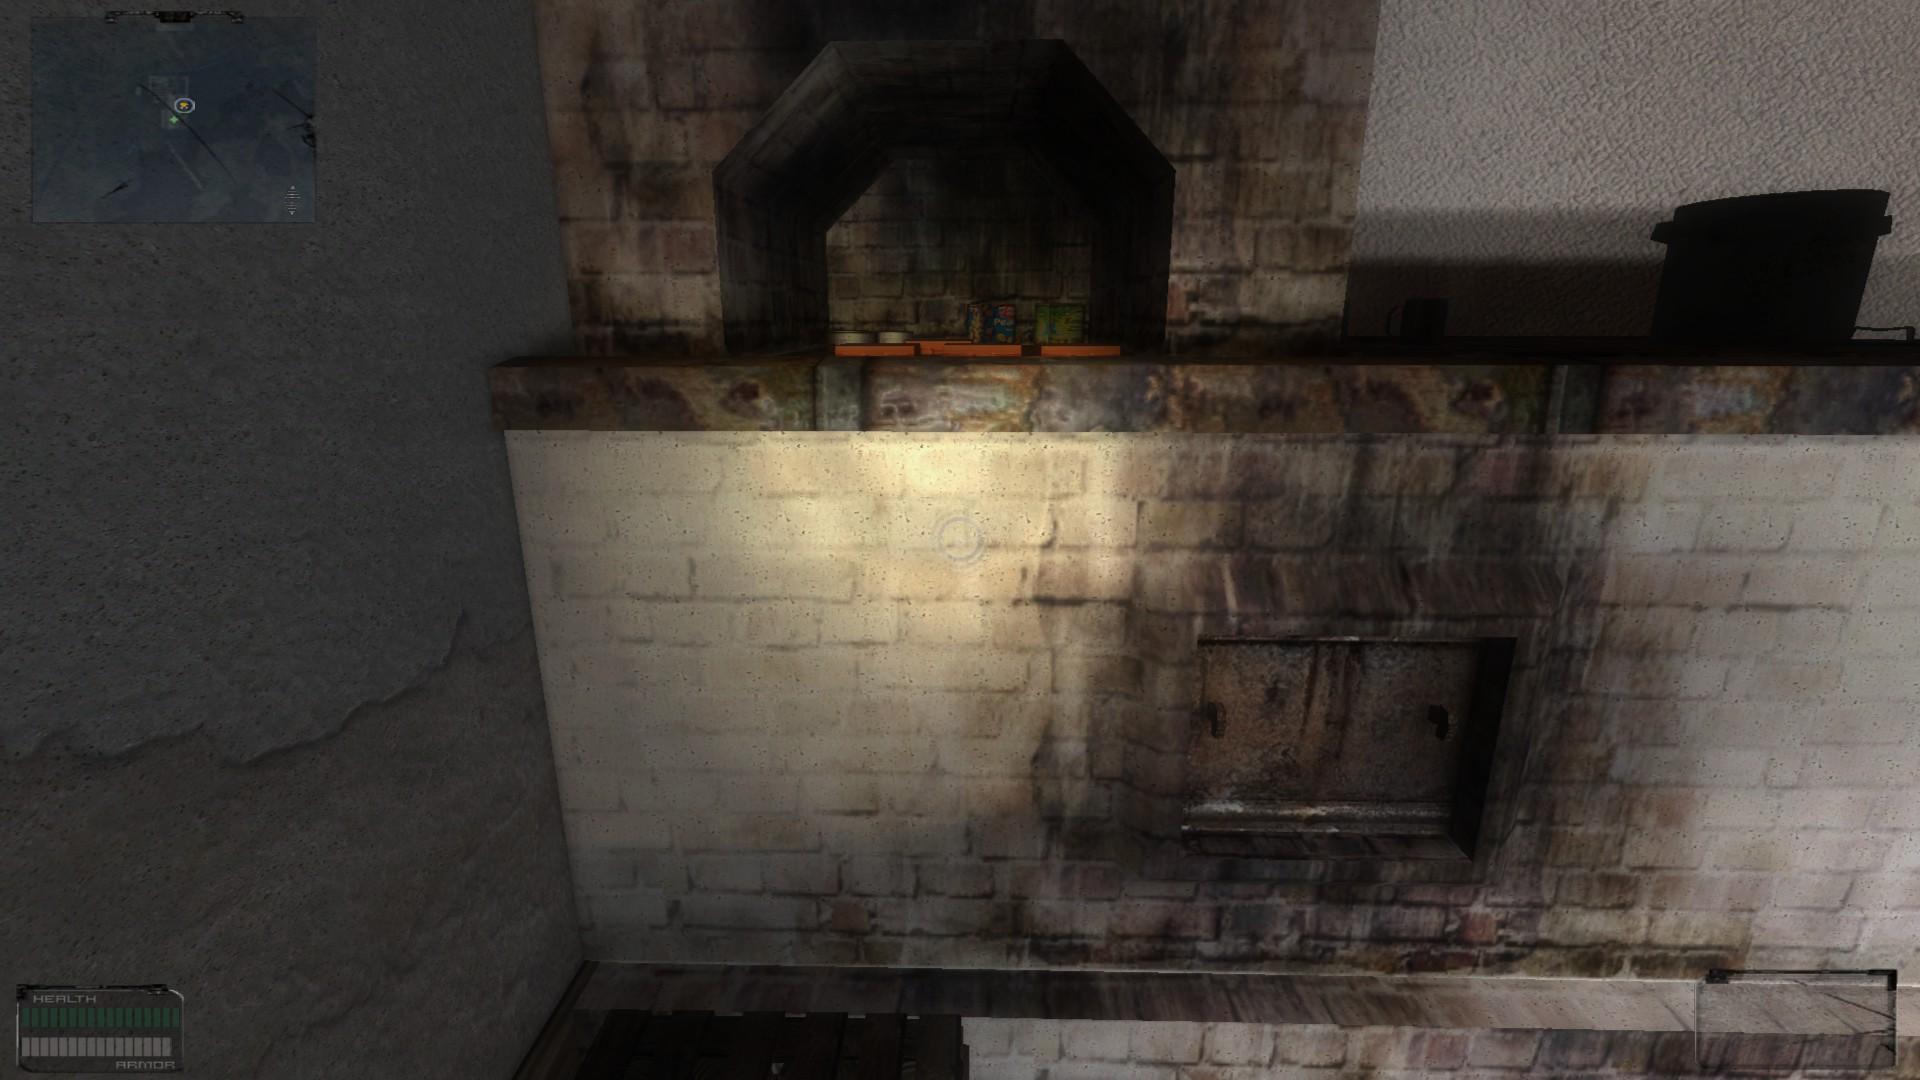 Oblivion Lost Remake 2.5 image 359